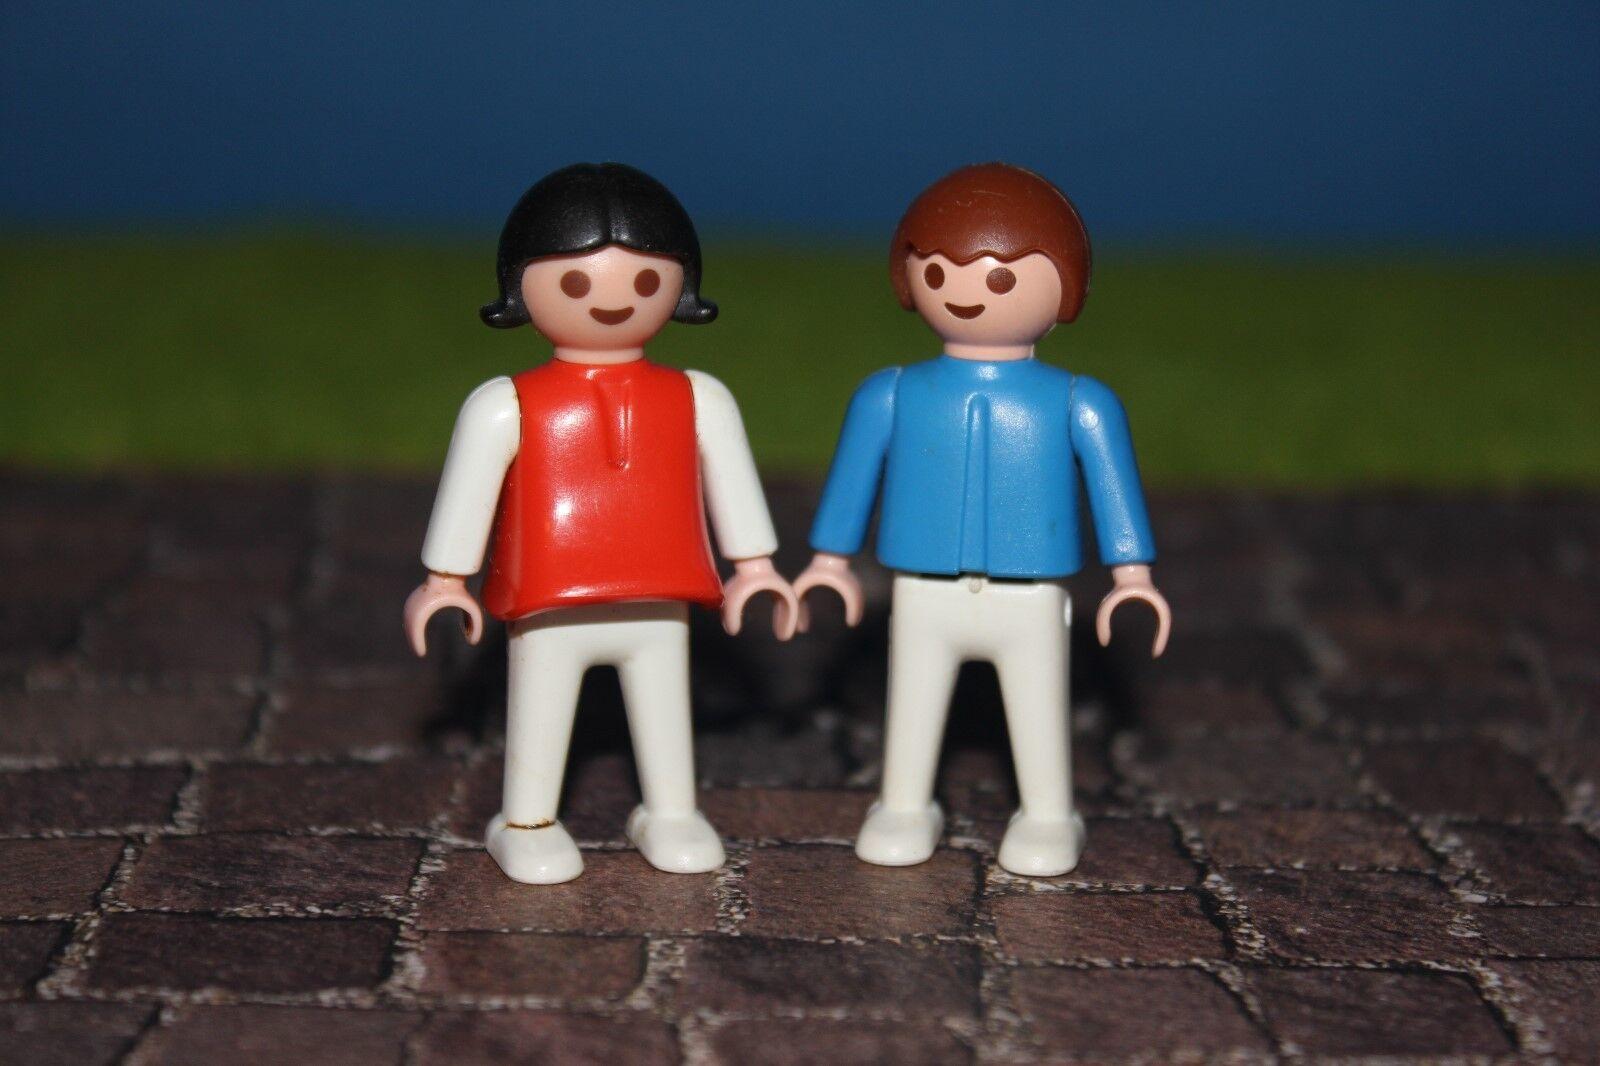 Playmobil Wöhrl  Bambini Promozione Personaggio Pubblicitario Promotions  fino al 60% di sconto